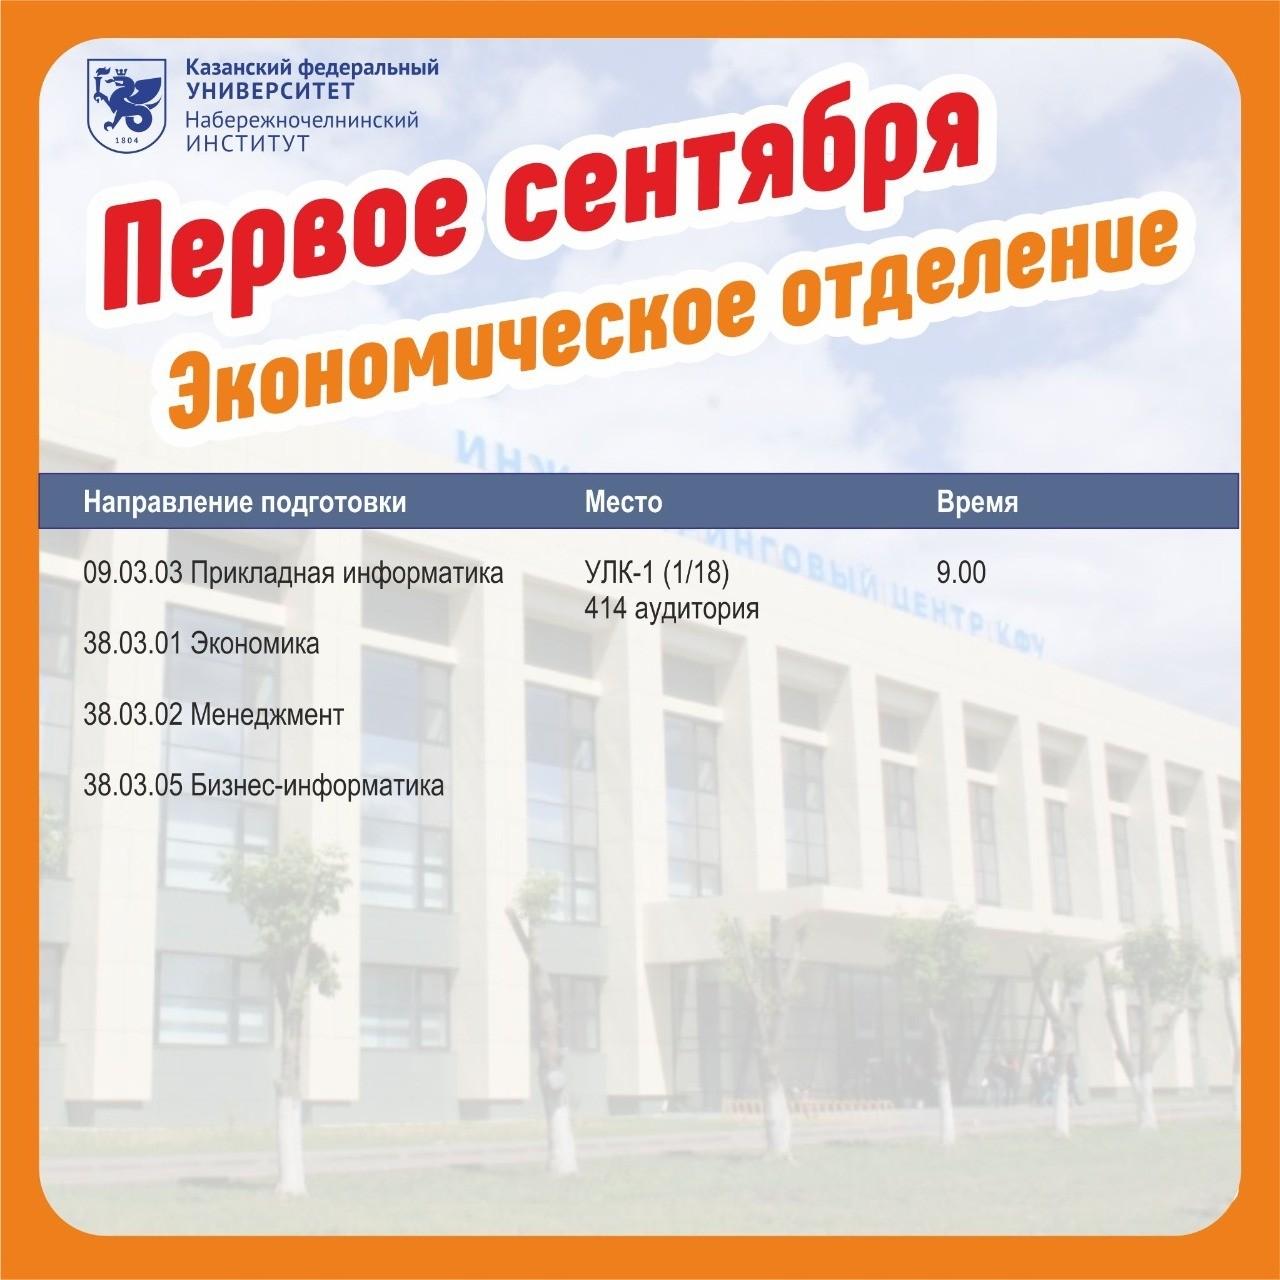 Экономическое отделение ,Экономическое отделение, НЧИКФУ, Развитие